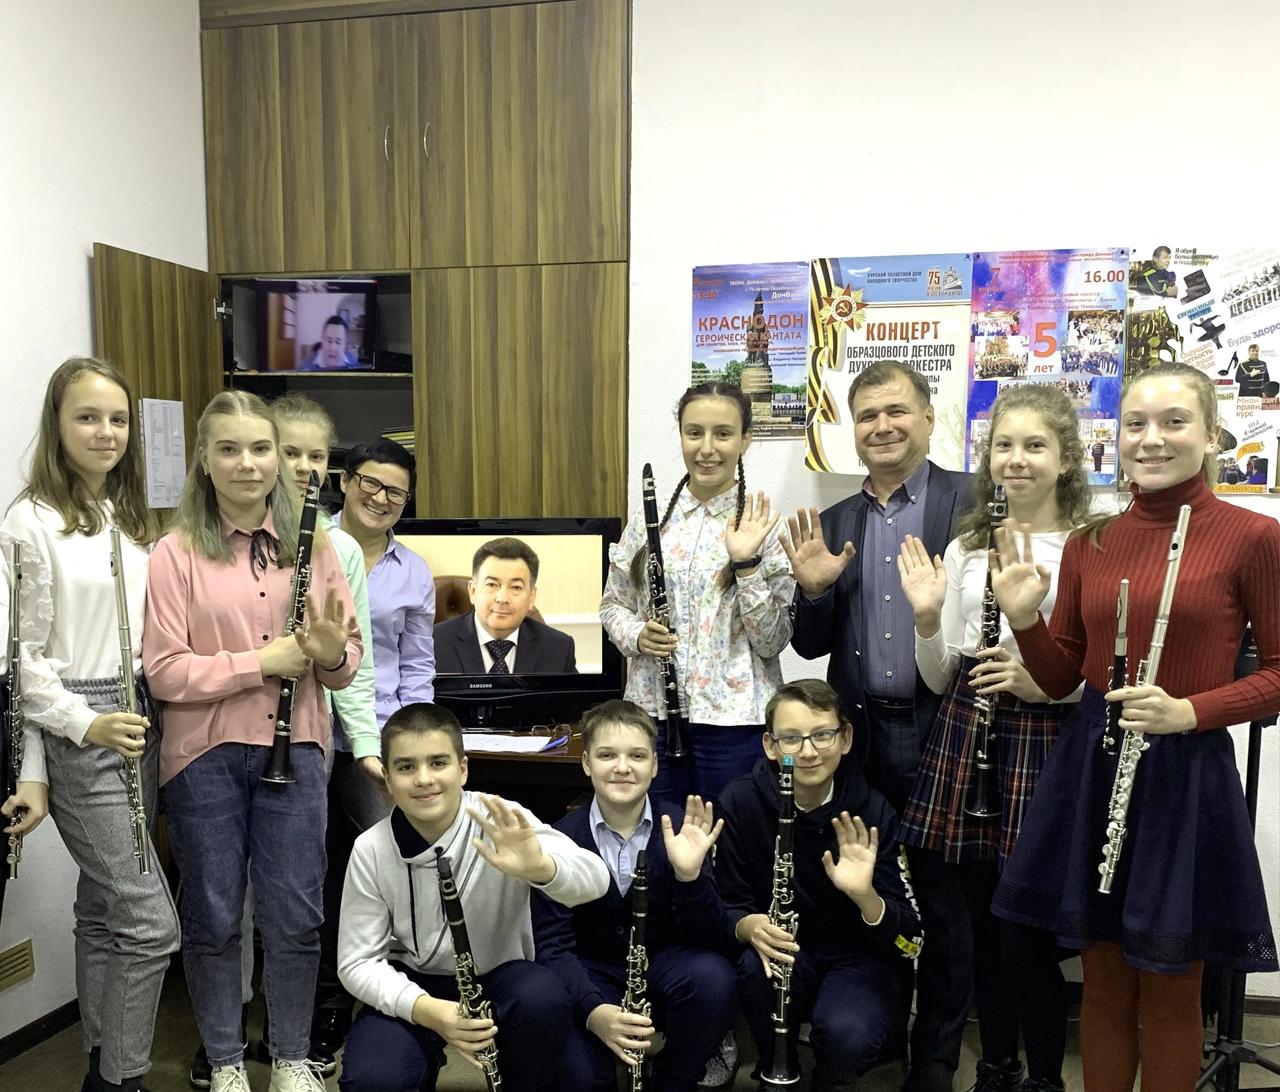 Профессионализм юных исполнителей из Донецка отмечен на всероссийском уровне